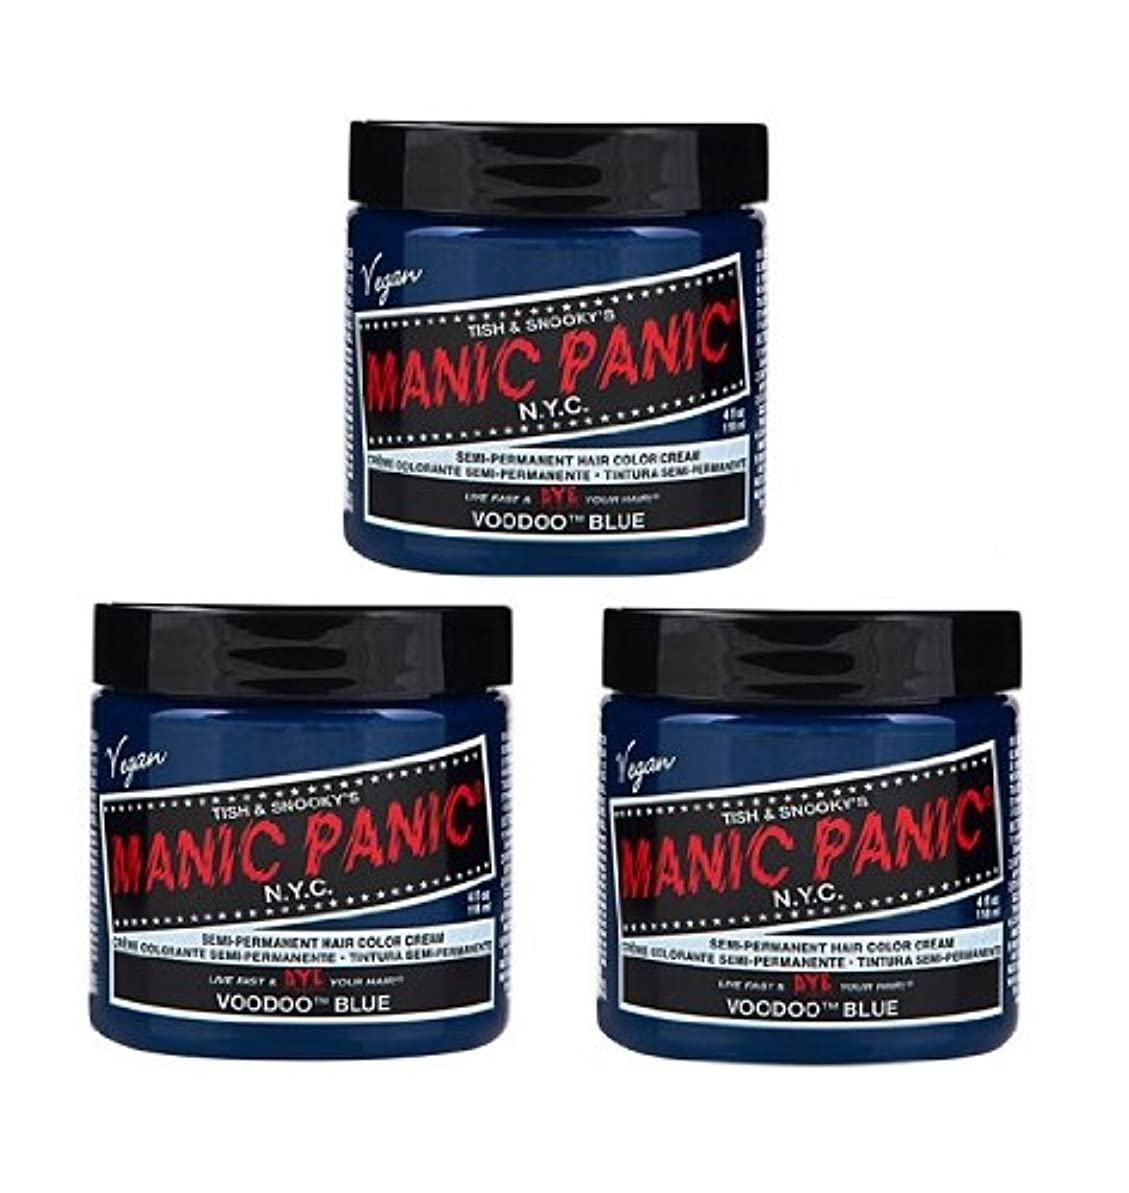 【3個セット】MANIC PANIC マニックパニック Voodoo Blue ブードゥーブルー 118ml